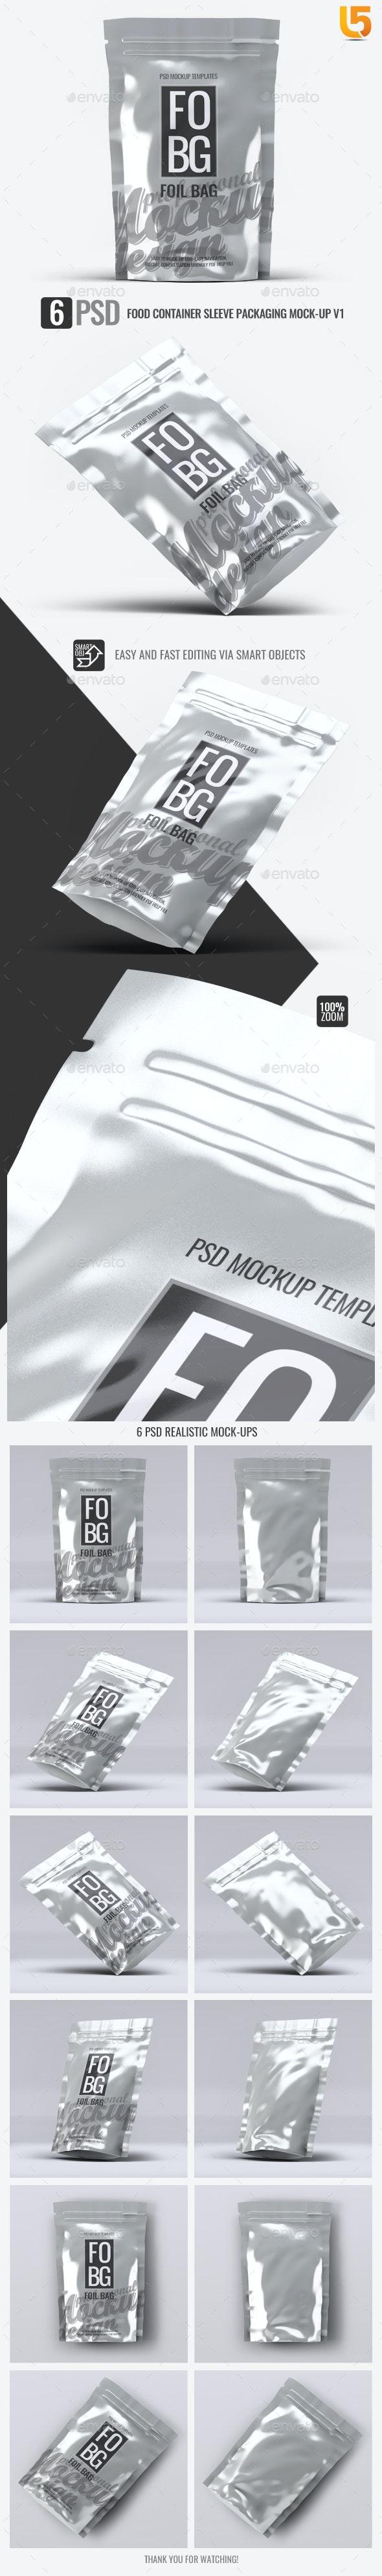 Foil Bag Mock-Up - Packaging Product Mock-Ups